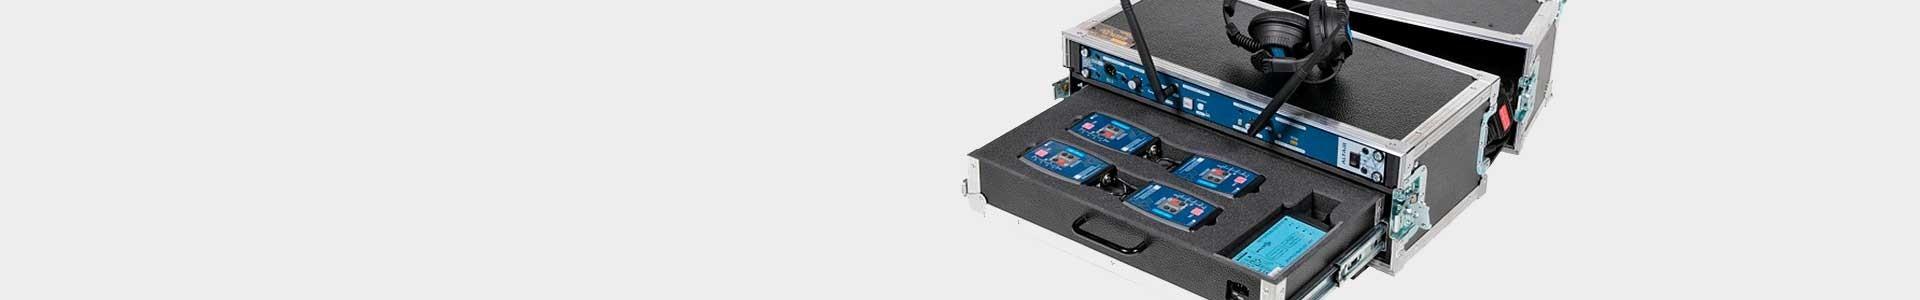 Transport cases for Altair intercom equipment - Avacab